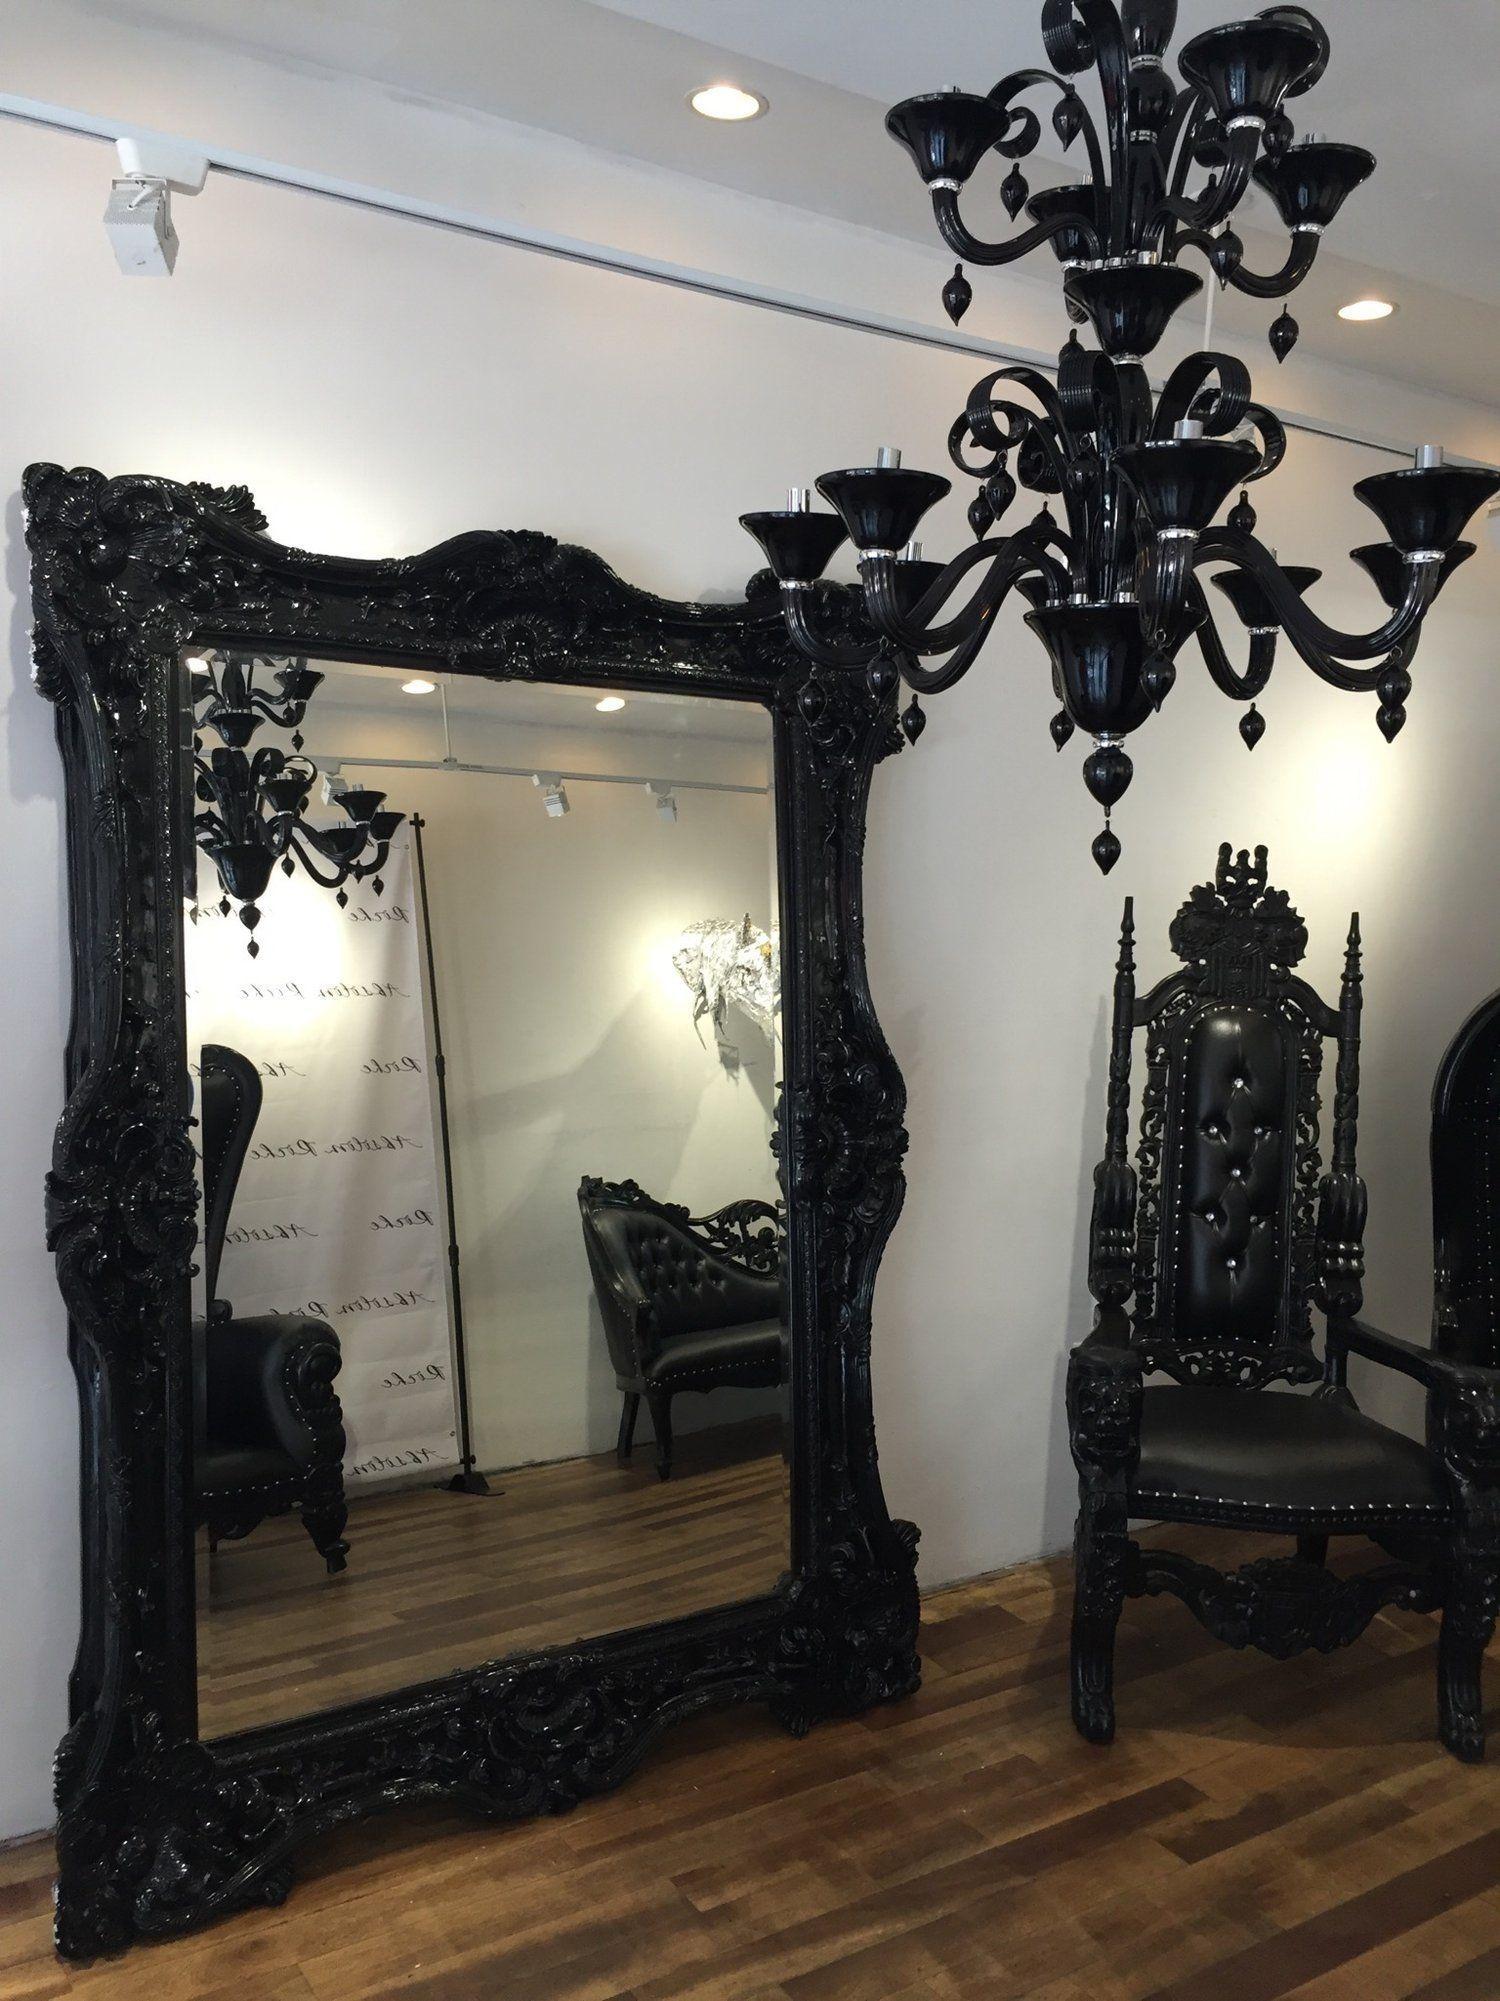 Marvelous  D I Y Gothic Home Decor Ideas Https Ideacoration Co